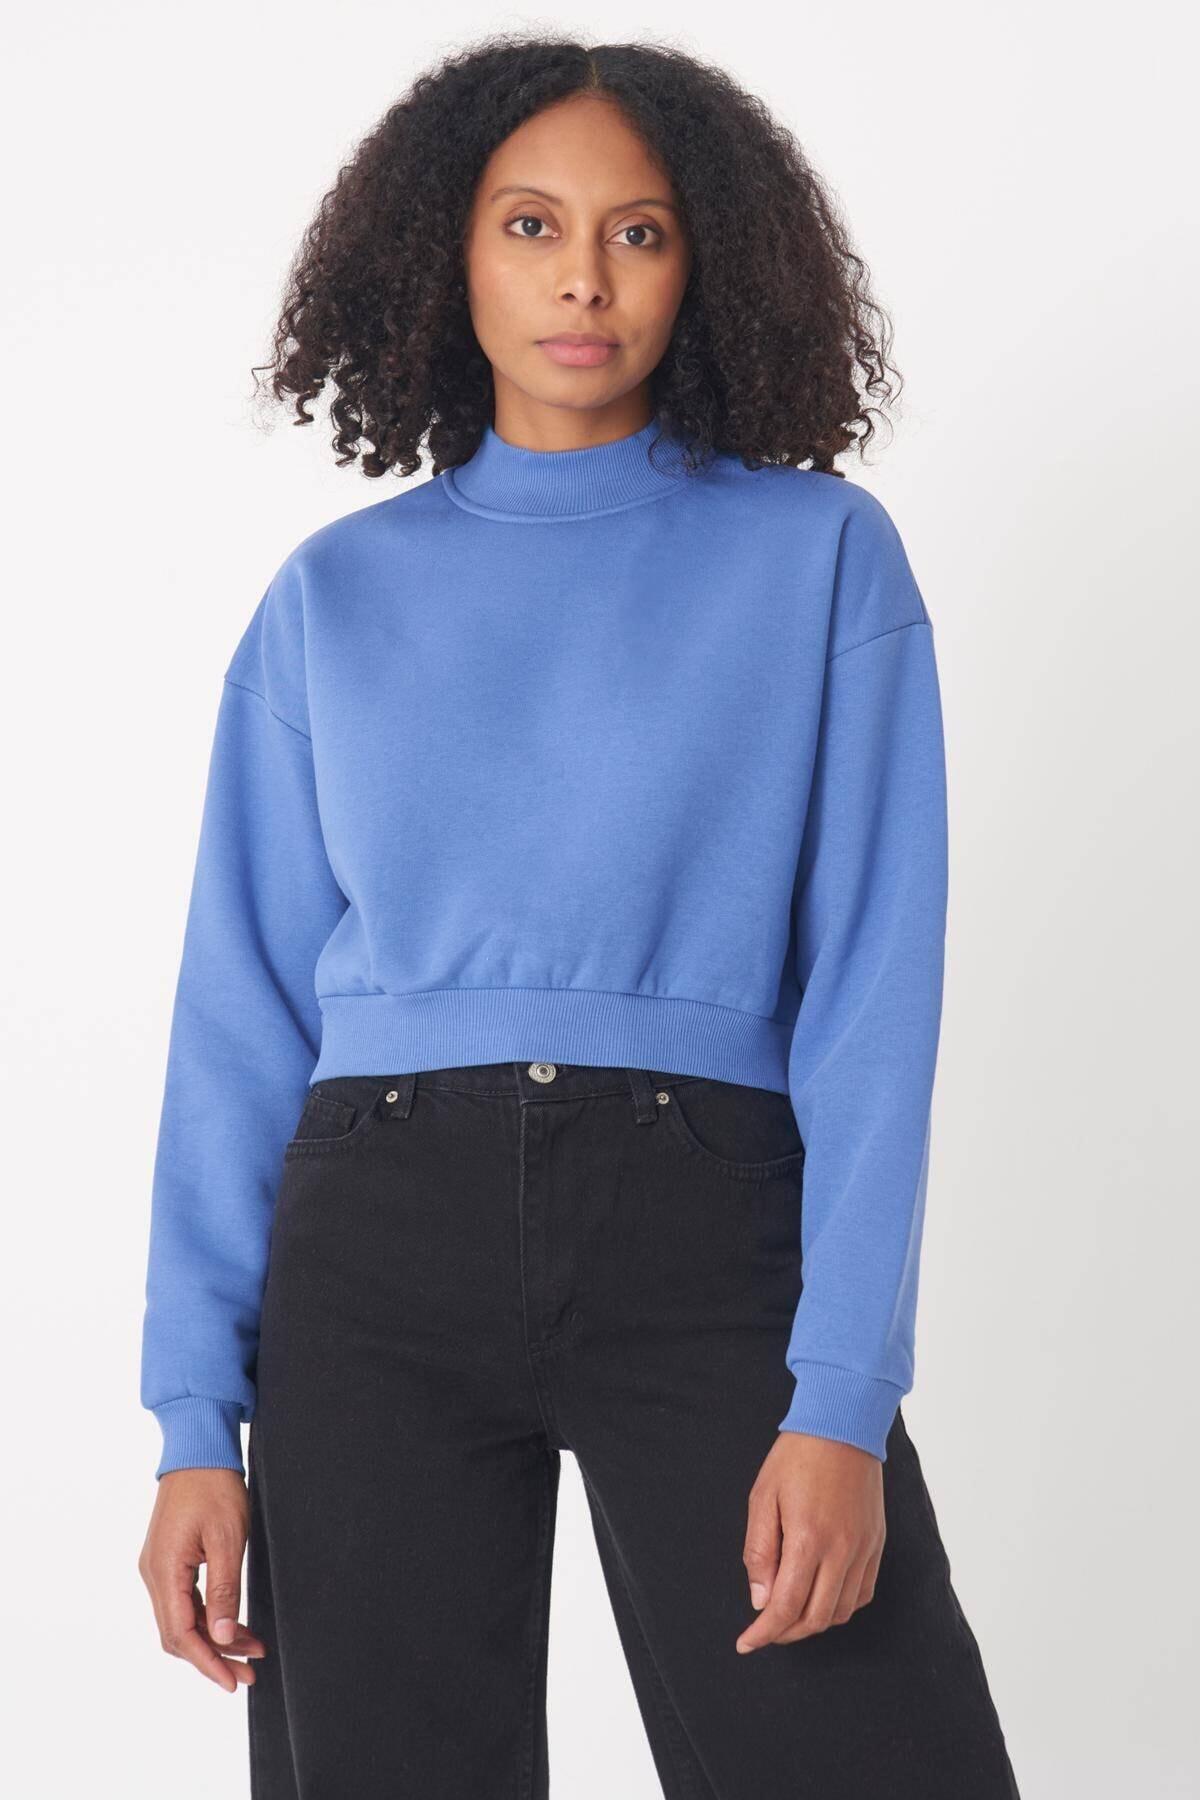 Addax Kadın Mavi Yarım Balıkçı Yaka Kısa  Sweatshirt S8625 - B9 ADX-0000020605 2